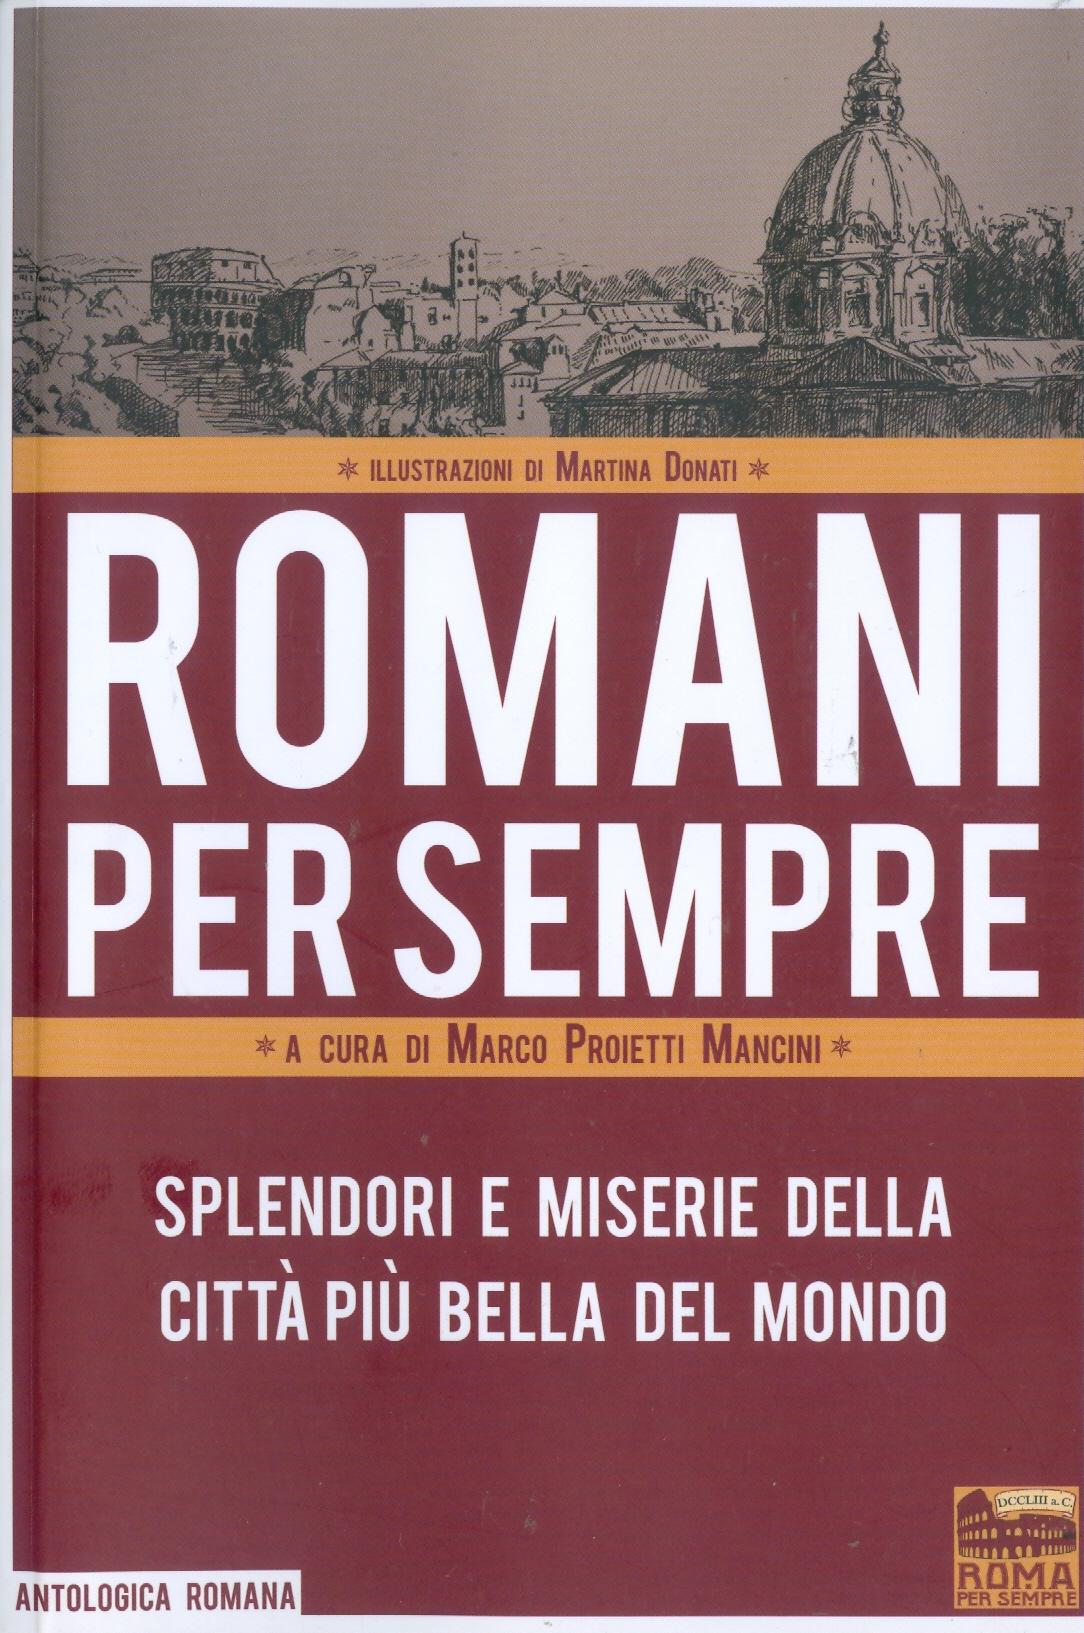 Romani per sempre